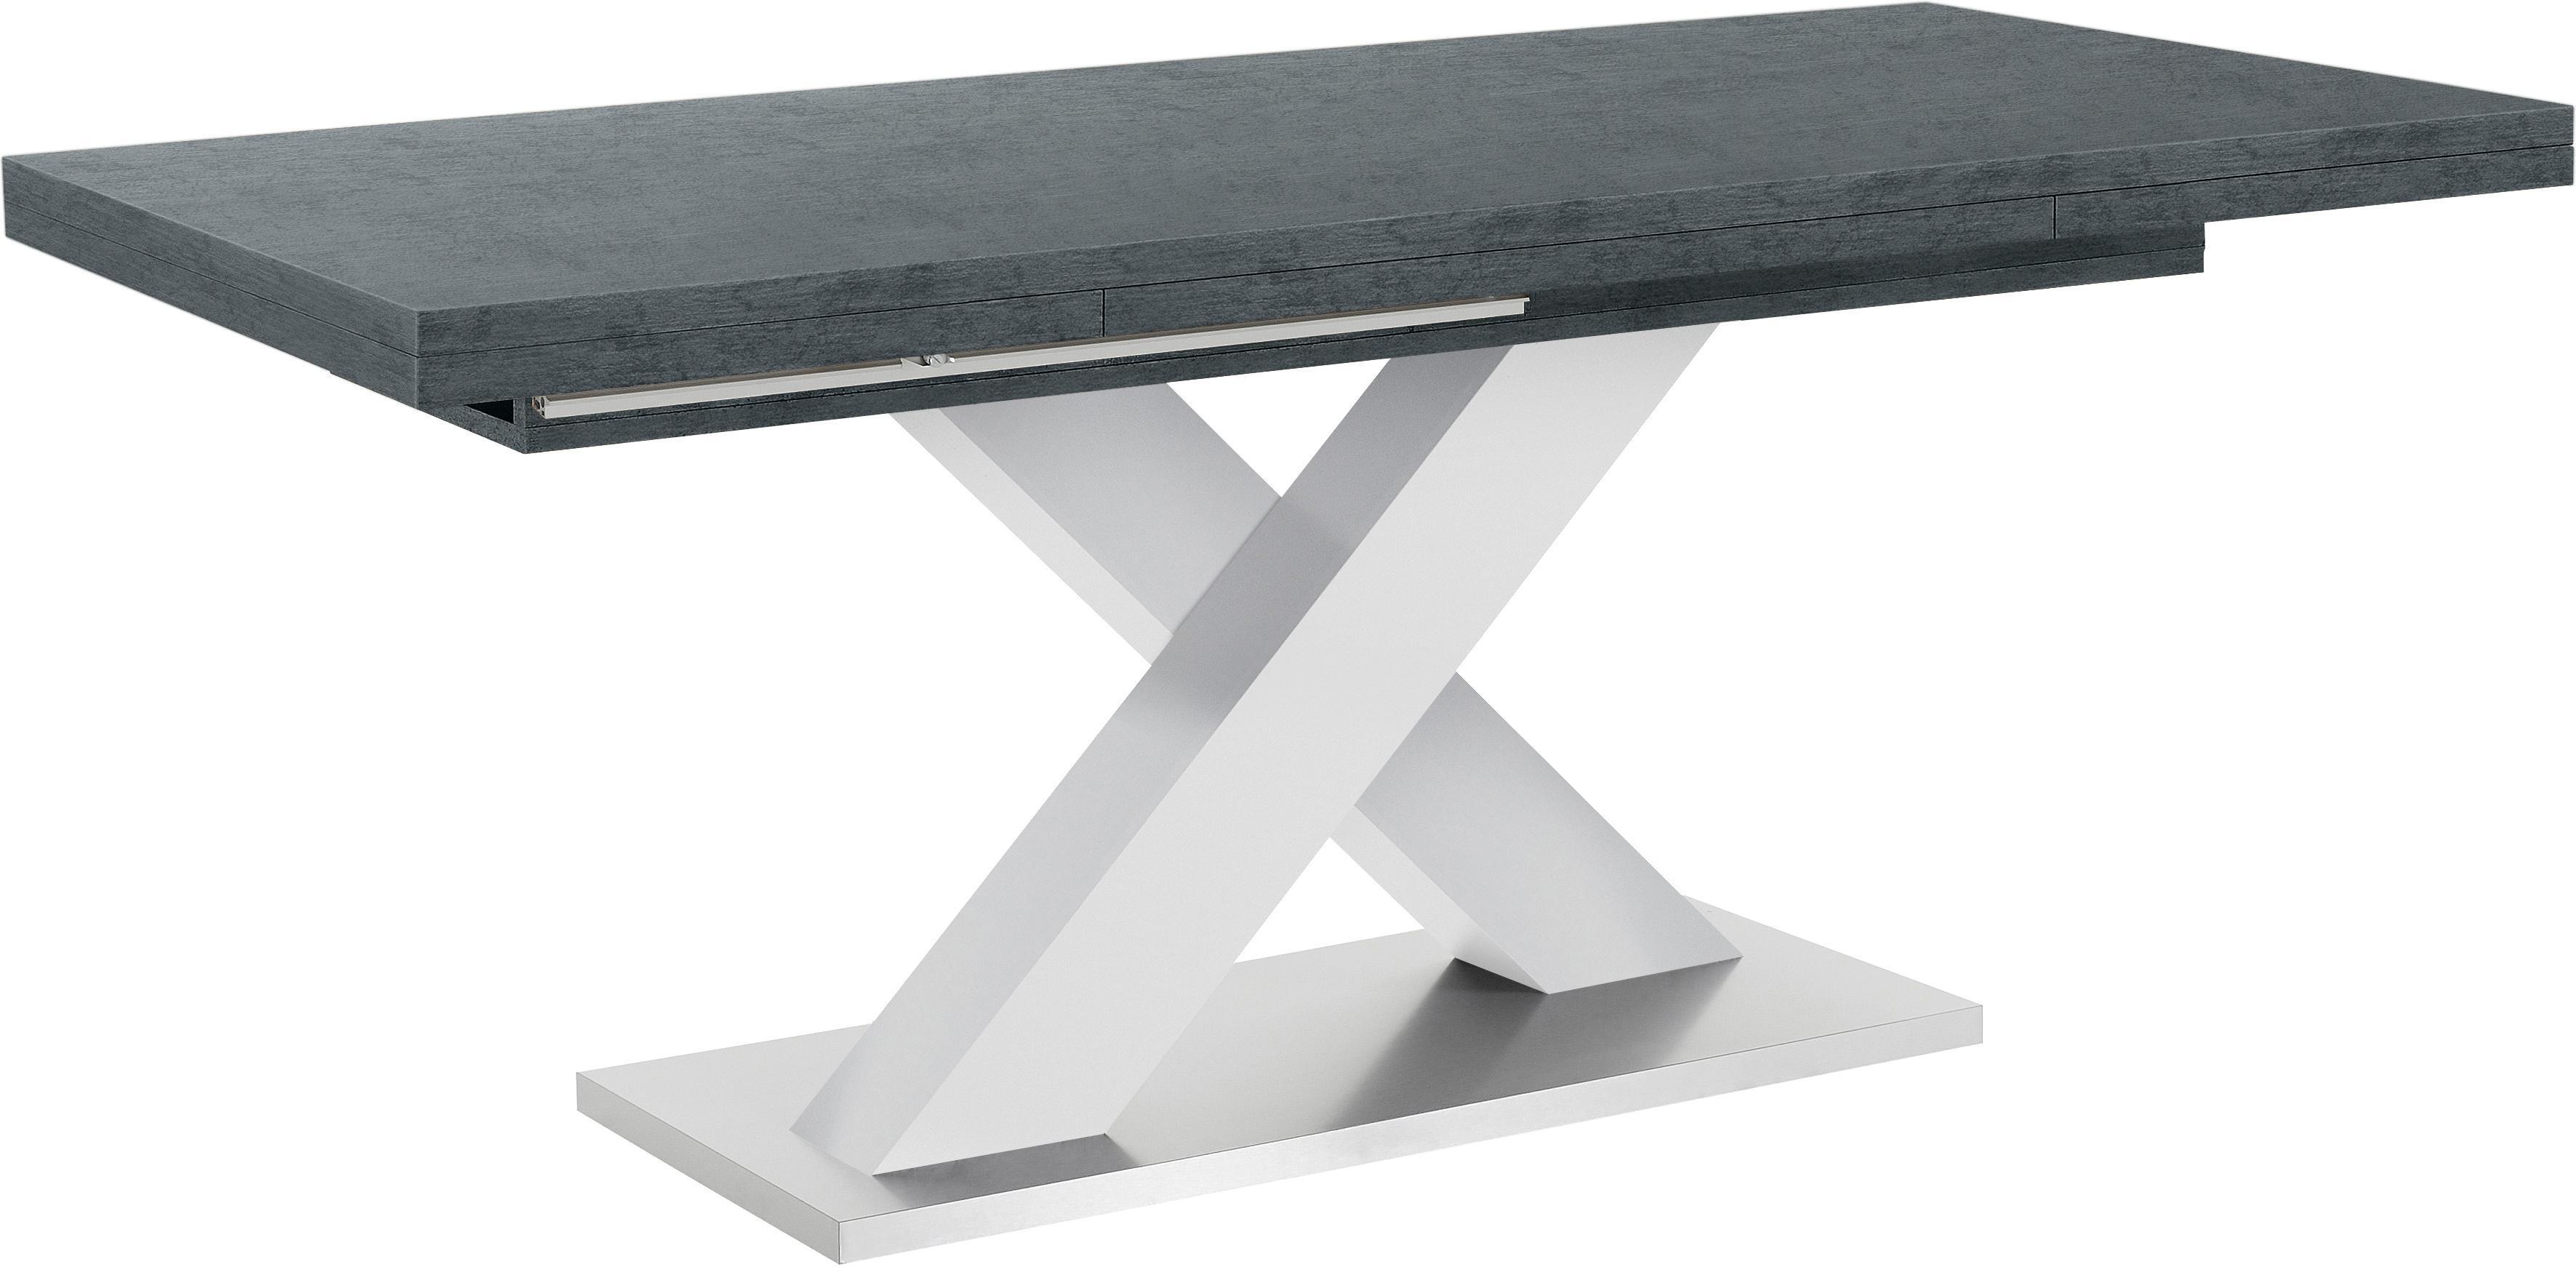 Mäusbacher Esstisch  Komfort C  mit X-Gestell in weiß und mit Auszugsfunktion, Breite 160- Preisvergleich